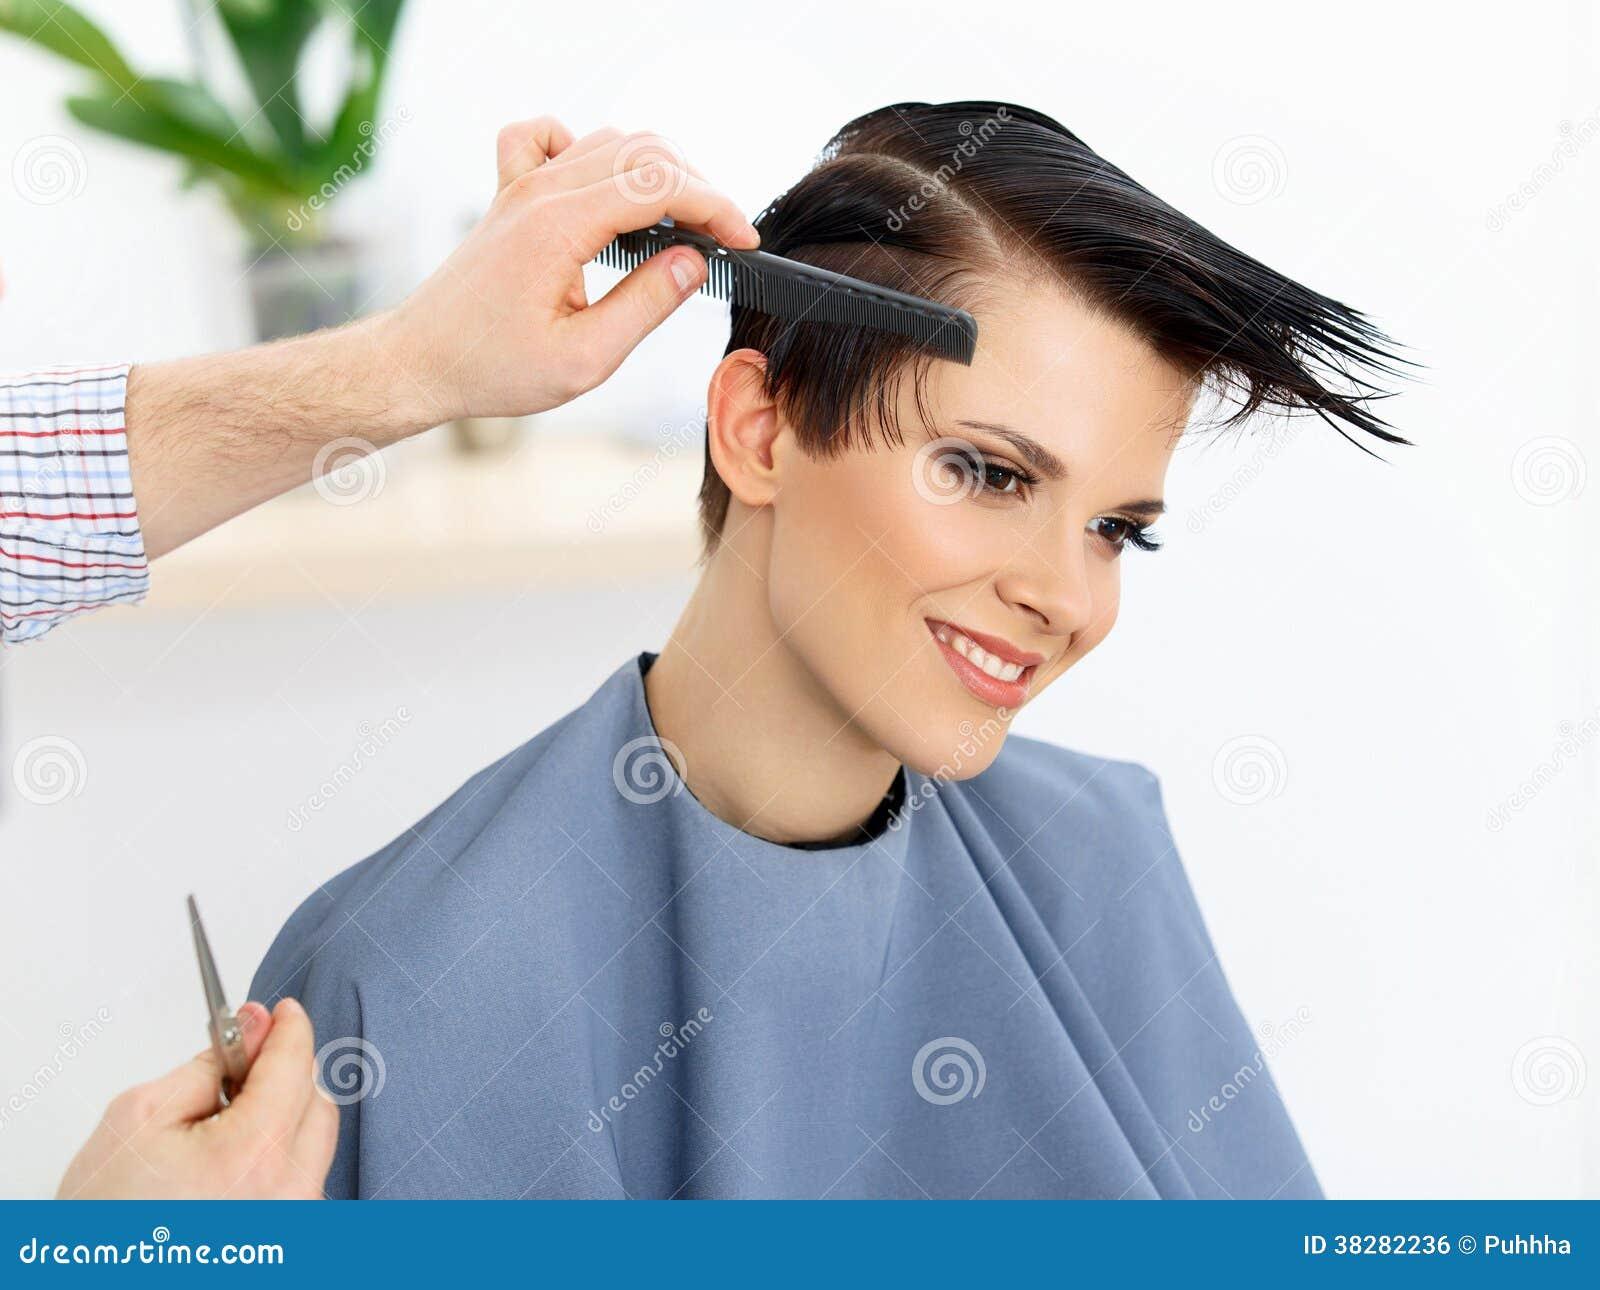 Cabelo. Cabeleireiro que faz o penteado. Beleza Woman modelo. Corte de cabelo